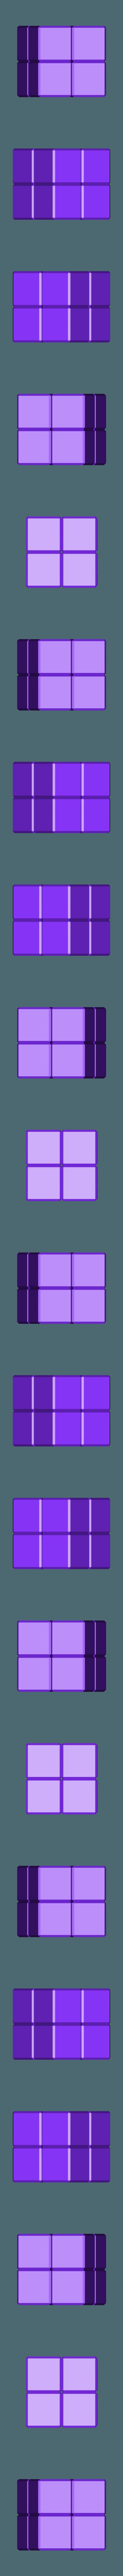 2x2.STL Download free STL file Rubik cube • 3D printer object, Thierryc44